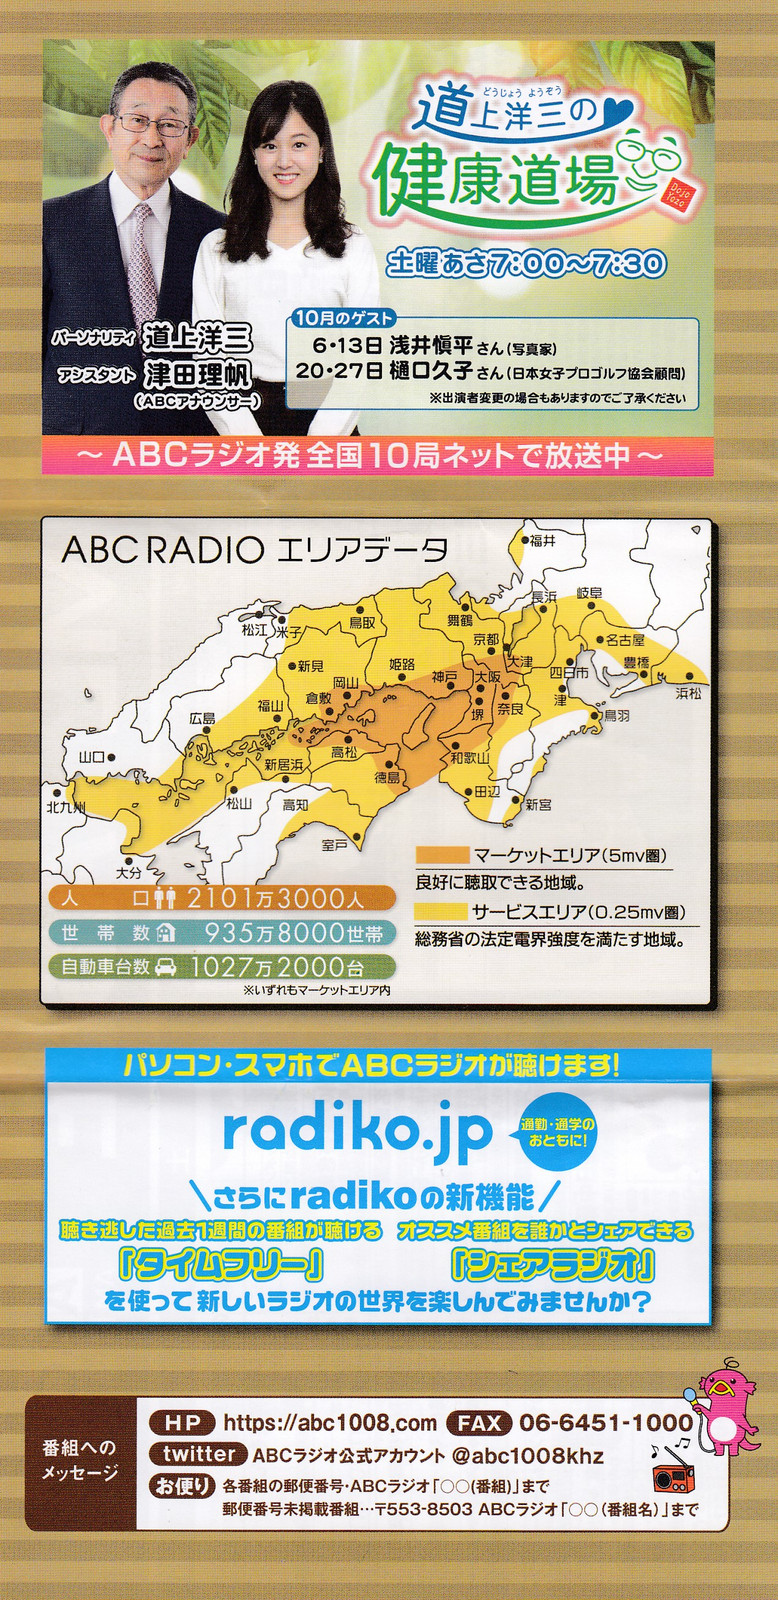 ラジオ 表 abc 番組